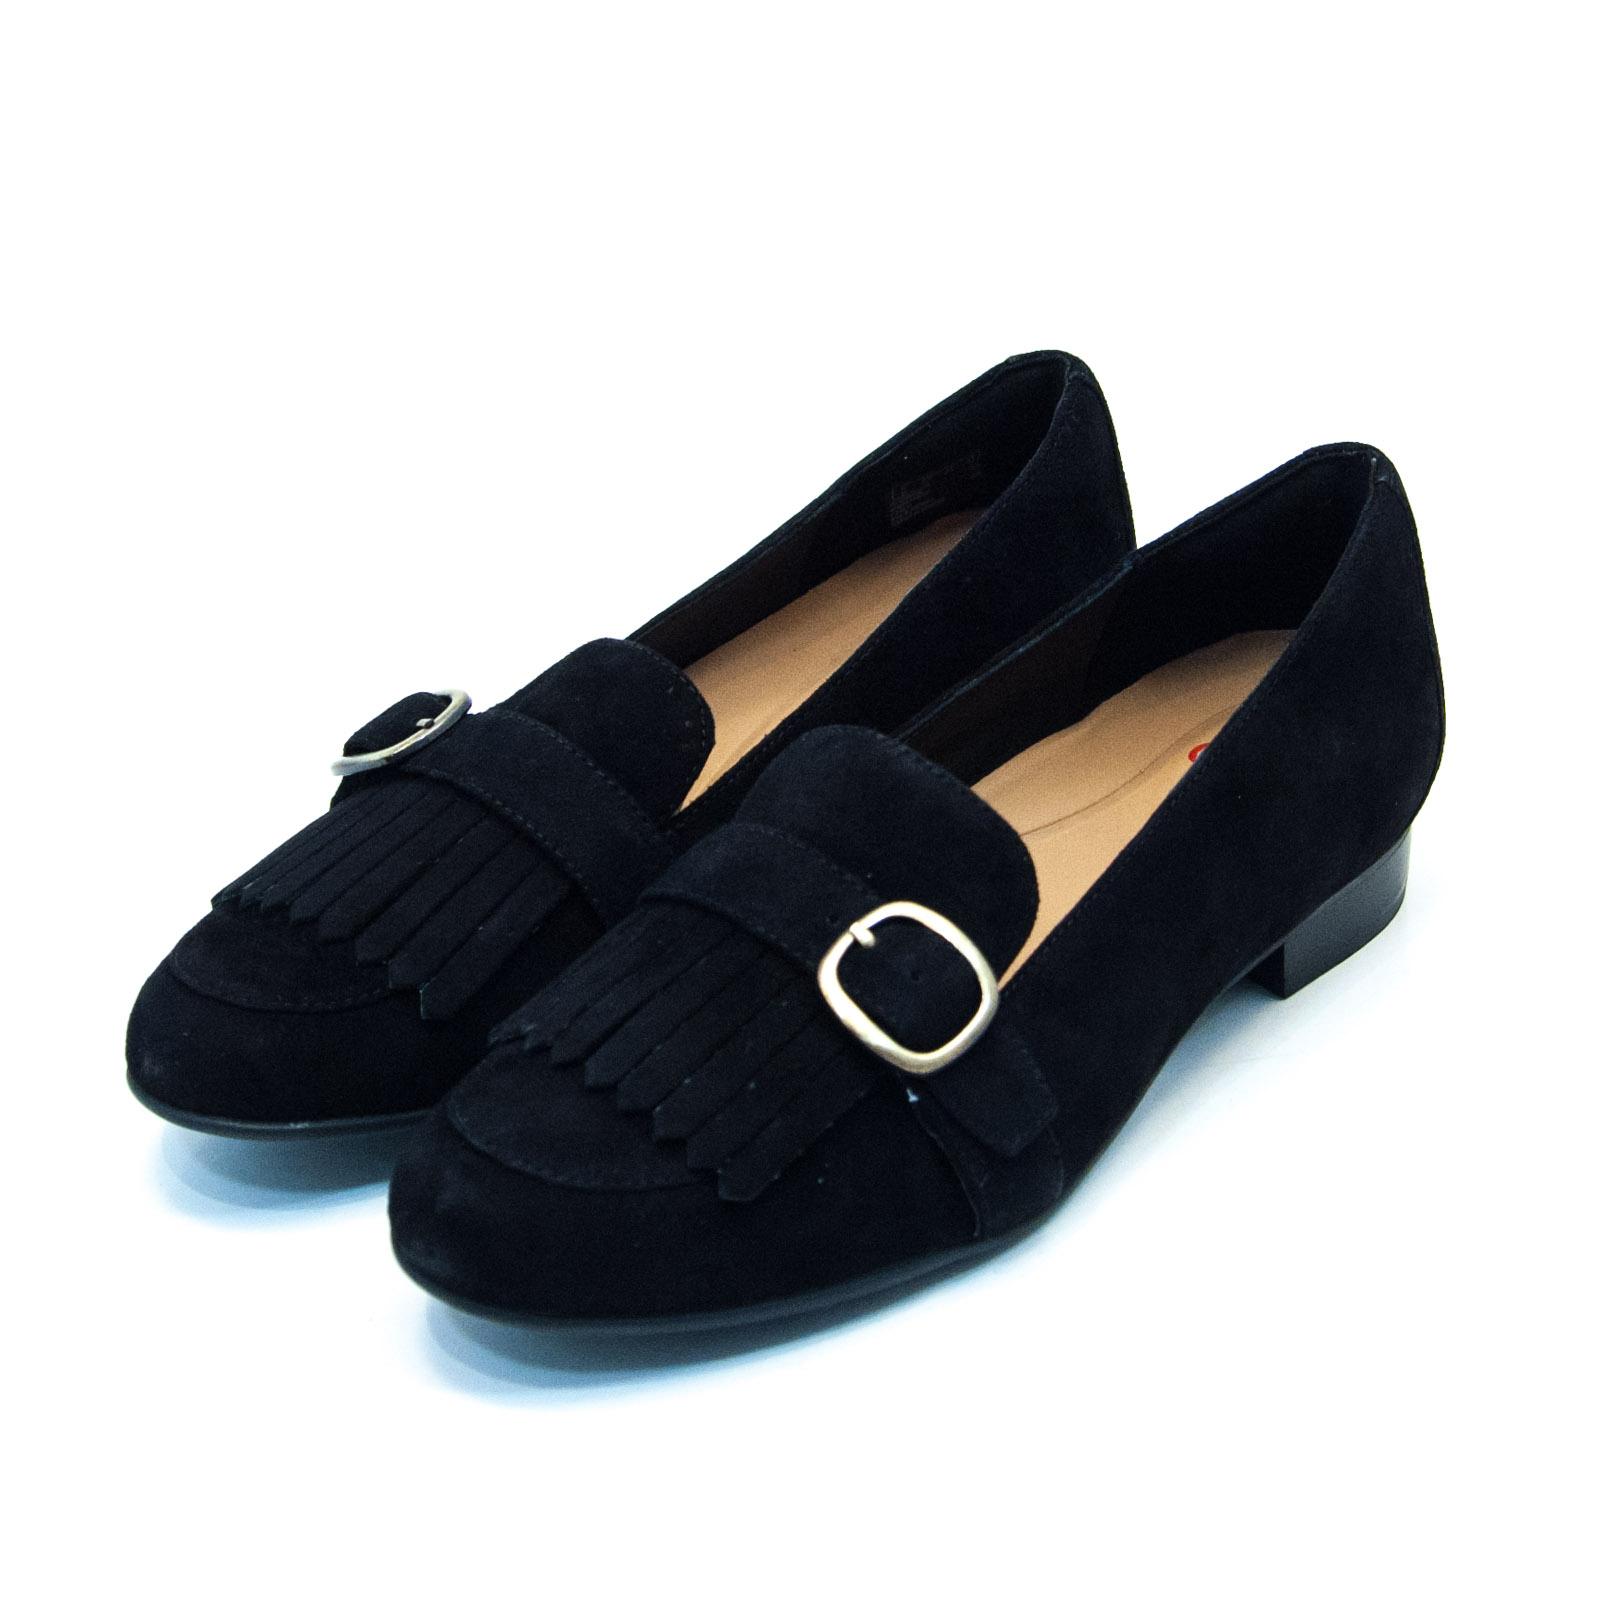 Γυναικείο παπούτσι CLARKS Un Blush 26152028